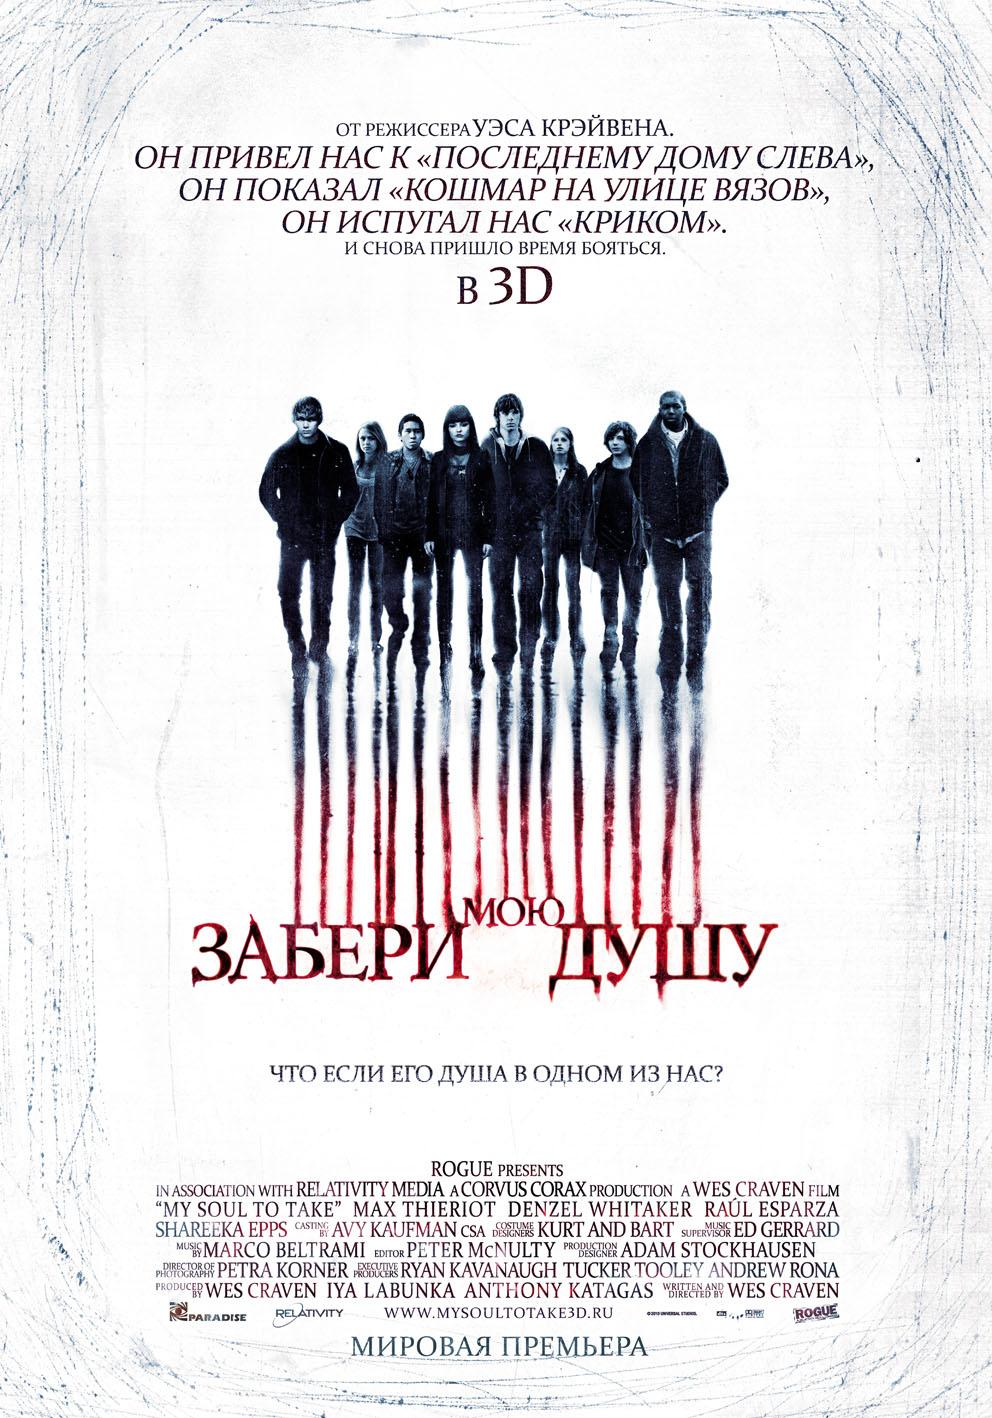 Смотреть фильм онлайн :  Забери мою душу 3D  /  My Soul to Take  (2010)